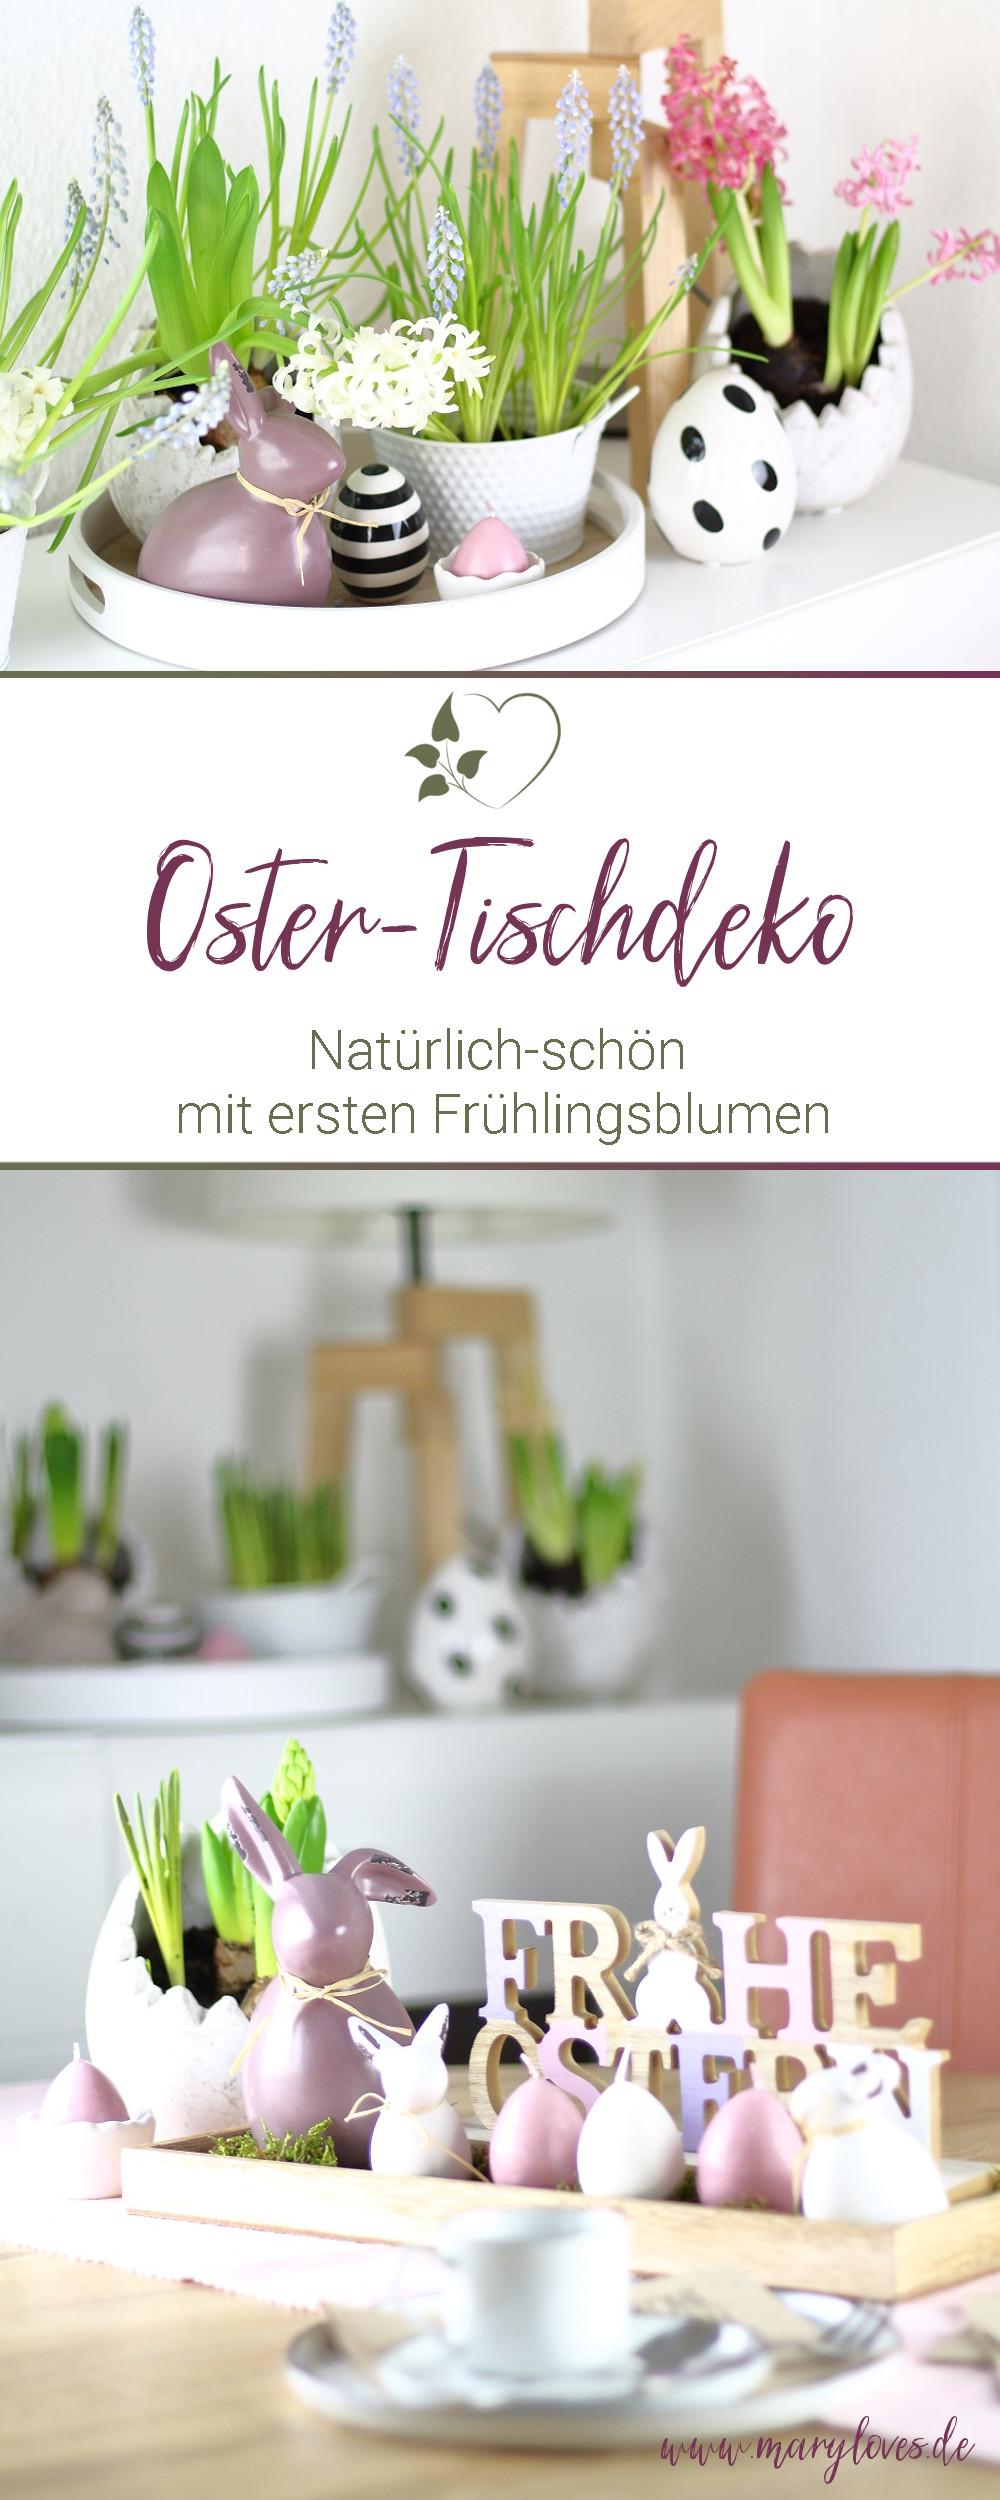 Natürlich-schöne Oster-Tischdeko mit den ersten Frühlingsblumen - #ostern #osterdeko #sotertischdeko #frühling #frühlingsblumen #frühlingsdeko